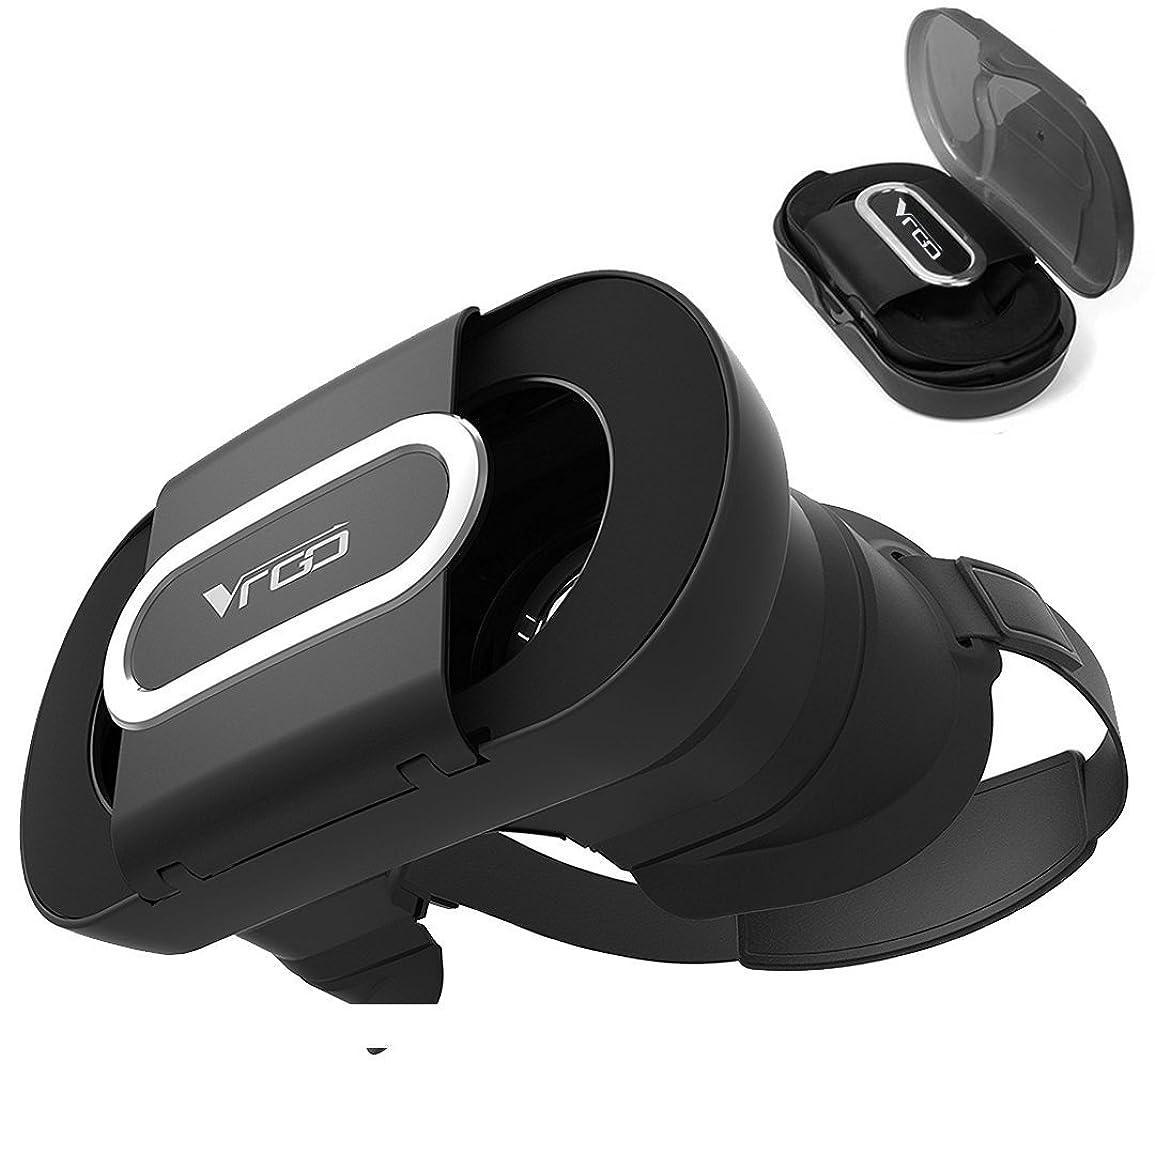 軽減する定義地上でMaxku VRゴーグル 2018最新型VR BOX 折り畳みデサイン 96°広角 3DVRメガネ 超軽量 散熱加工 3Dグラス 超3D映像効果 ヘッドマウント用スマホゴーグル ASUS ZenFone4 MAX ZC520KL / Huawei Mate 10 Pro / Mate 10 lite / Mate 10 / / honor 9 / OnePlus 5T / Xperia XZ1 SOV36 SO-01K / isai V30+ LGV35 / ドコモ V30+ L-01K / JOJO L-02K / Moto G5S Plus / Ulefone Geminiなどのスマホに適用 (ブラック)